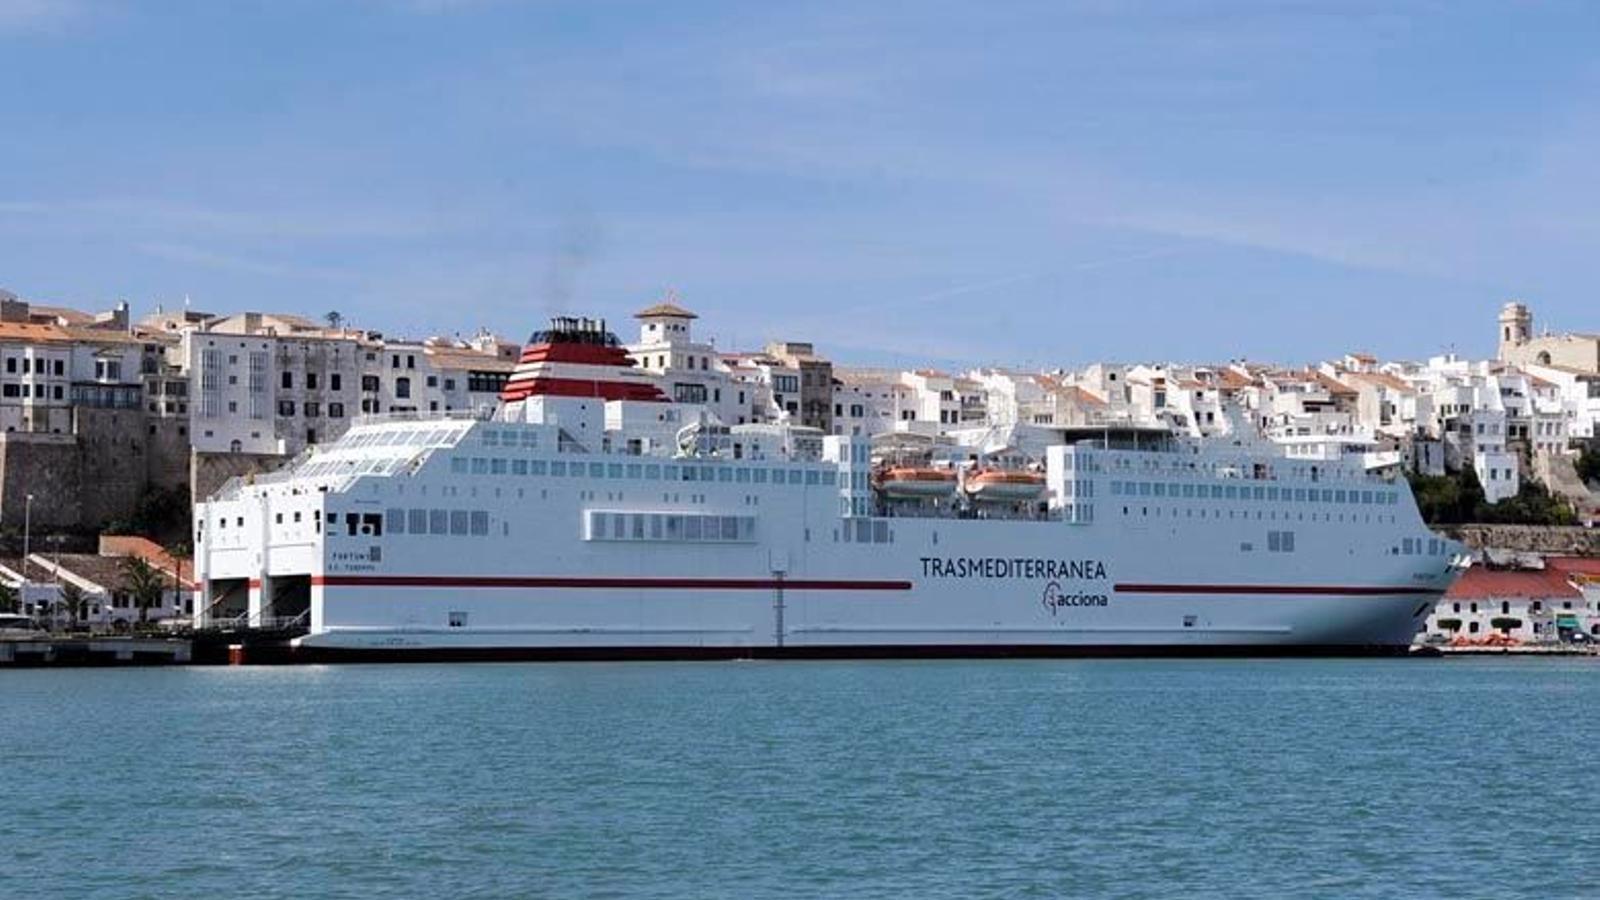 Els bucs de Trasmediterránea són part del paisatge que envolta el port de Maó.